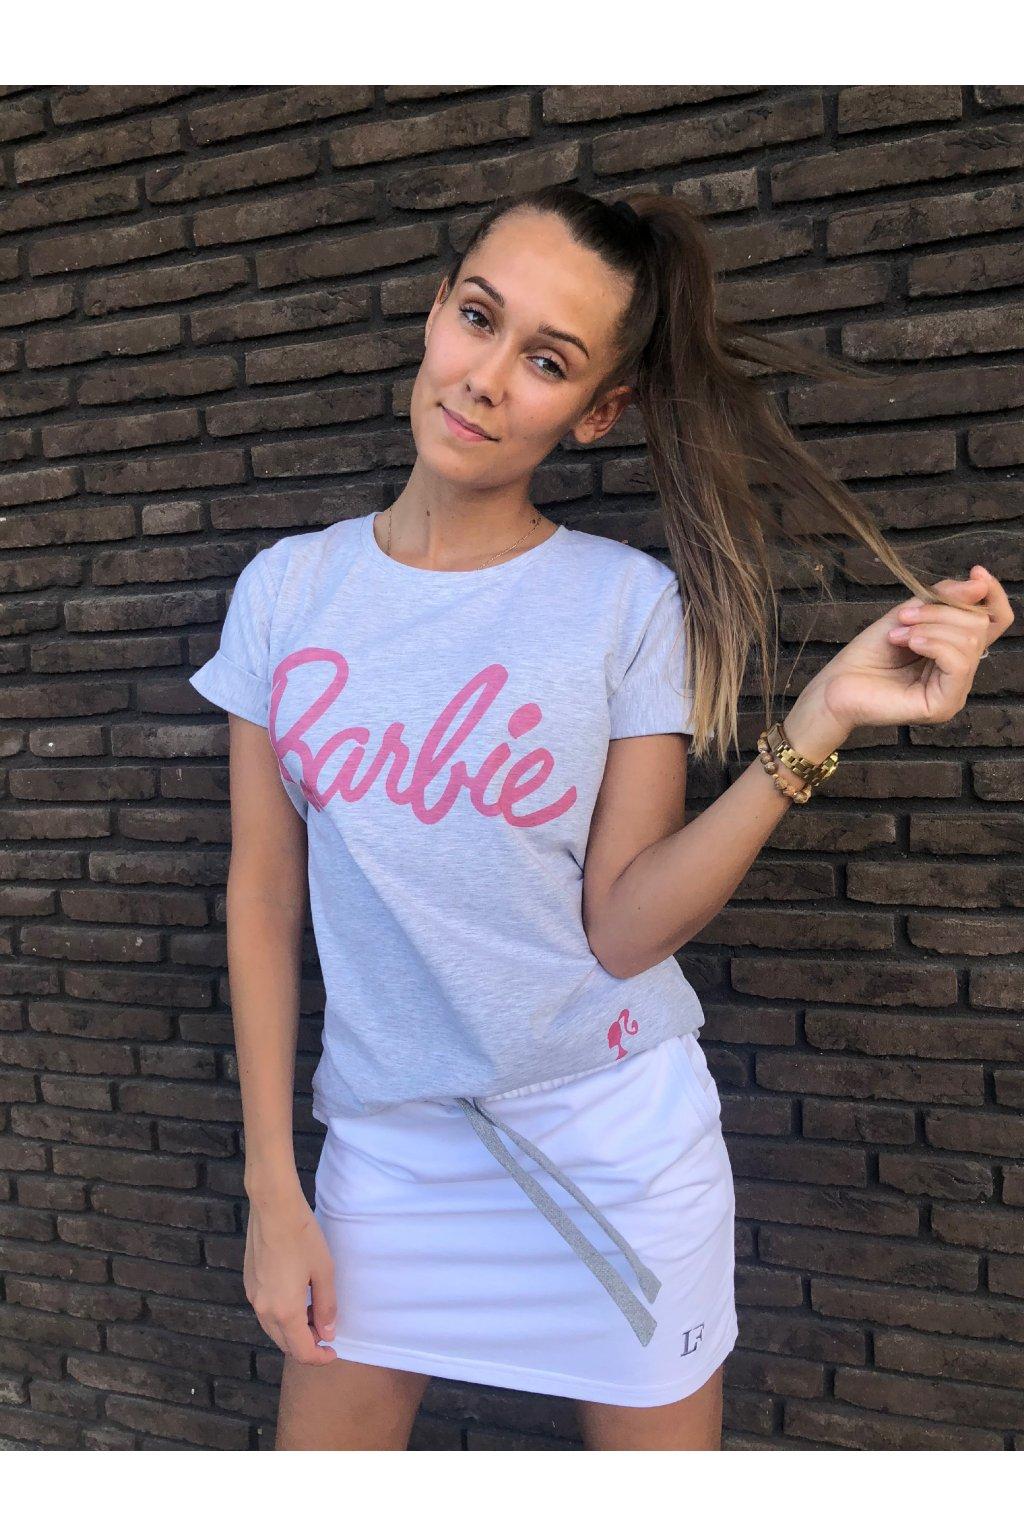 damske tricko barbie grey eshopat cz 1